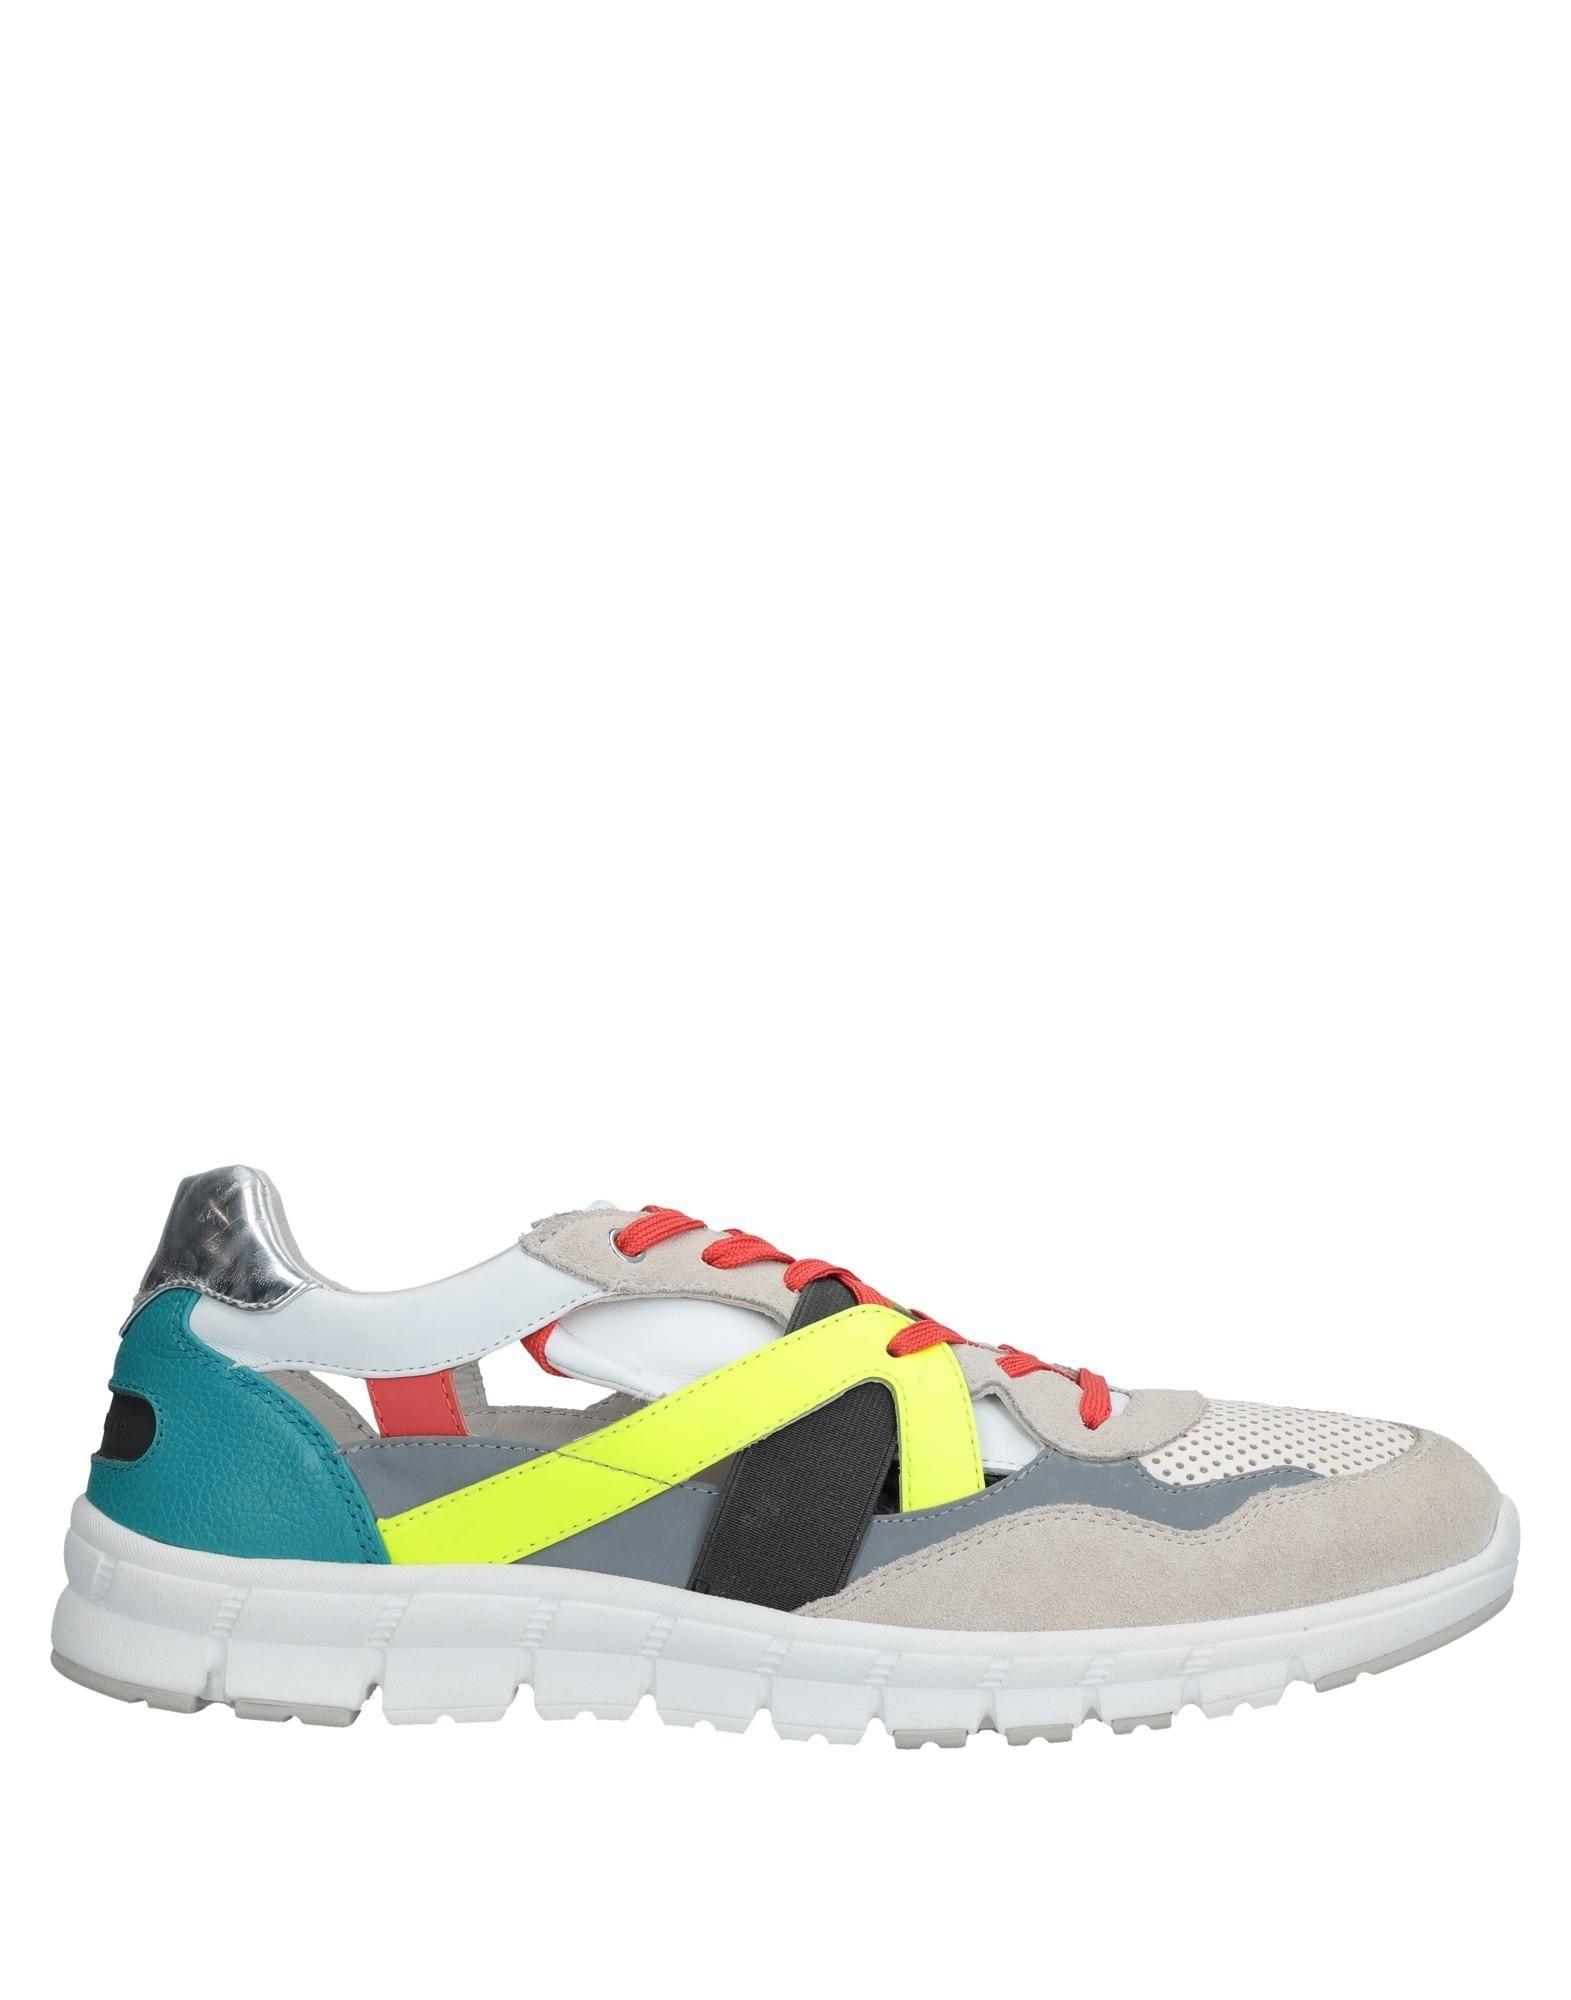 Dolce Dolce Dolce & Gabbana Sneakers Herren  11543891HT Gute Qualität beliebte Schuhe 66eb17